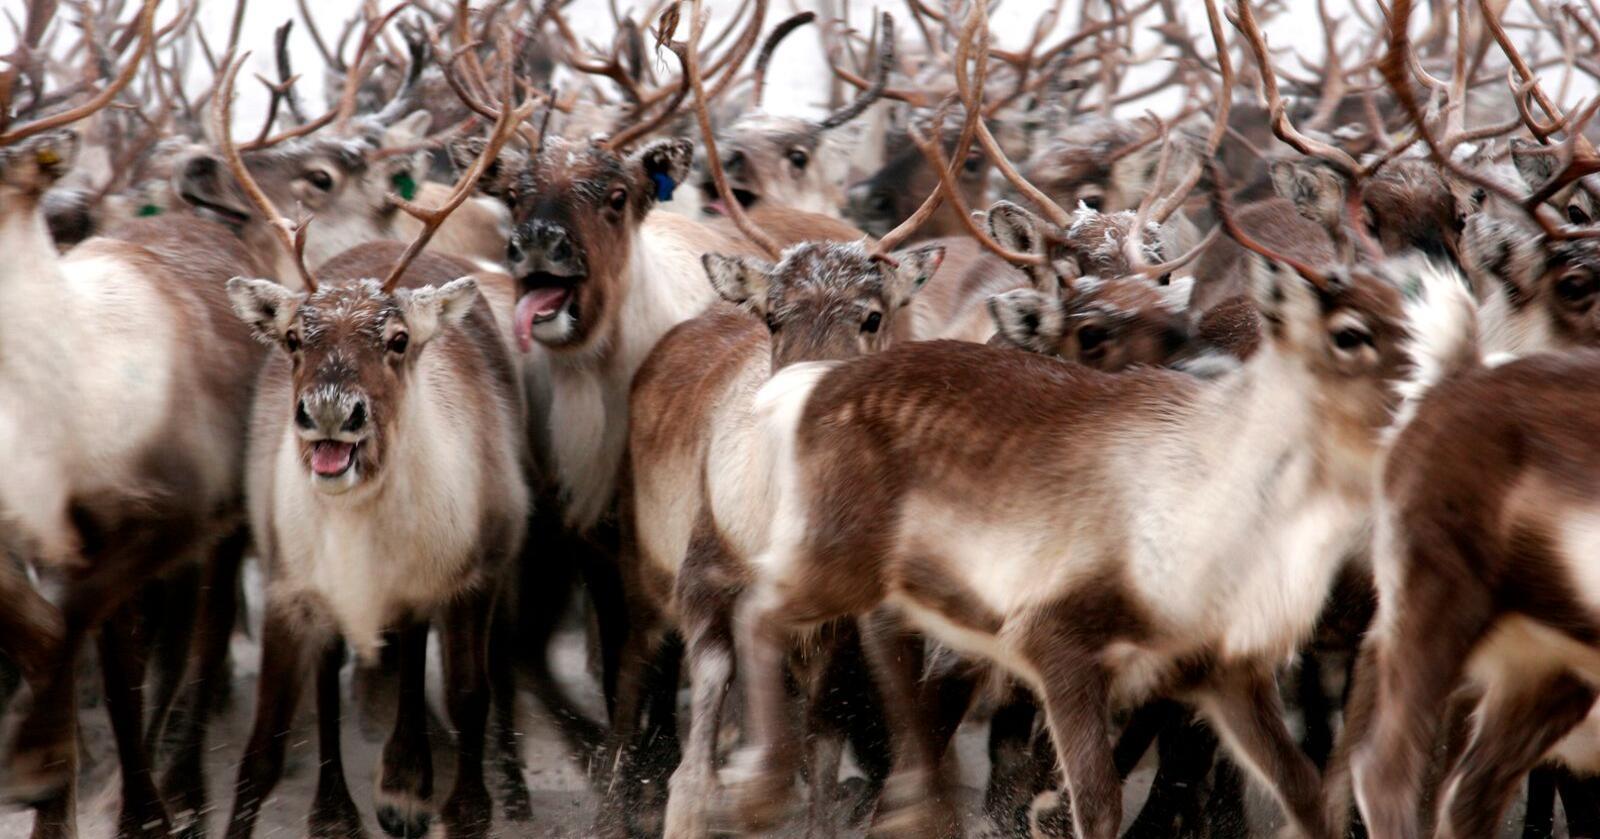 Skrantesjuke har vært påvist hos reinsdyr, elger og én hjort i Norge, Sverige og Finland. Resultatene til Veterinærinstituttet viser at det eksisterer variasjon med ulike stammer av CWD-prioner hos hjortedyr. (Foto: Mattilsynet)